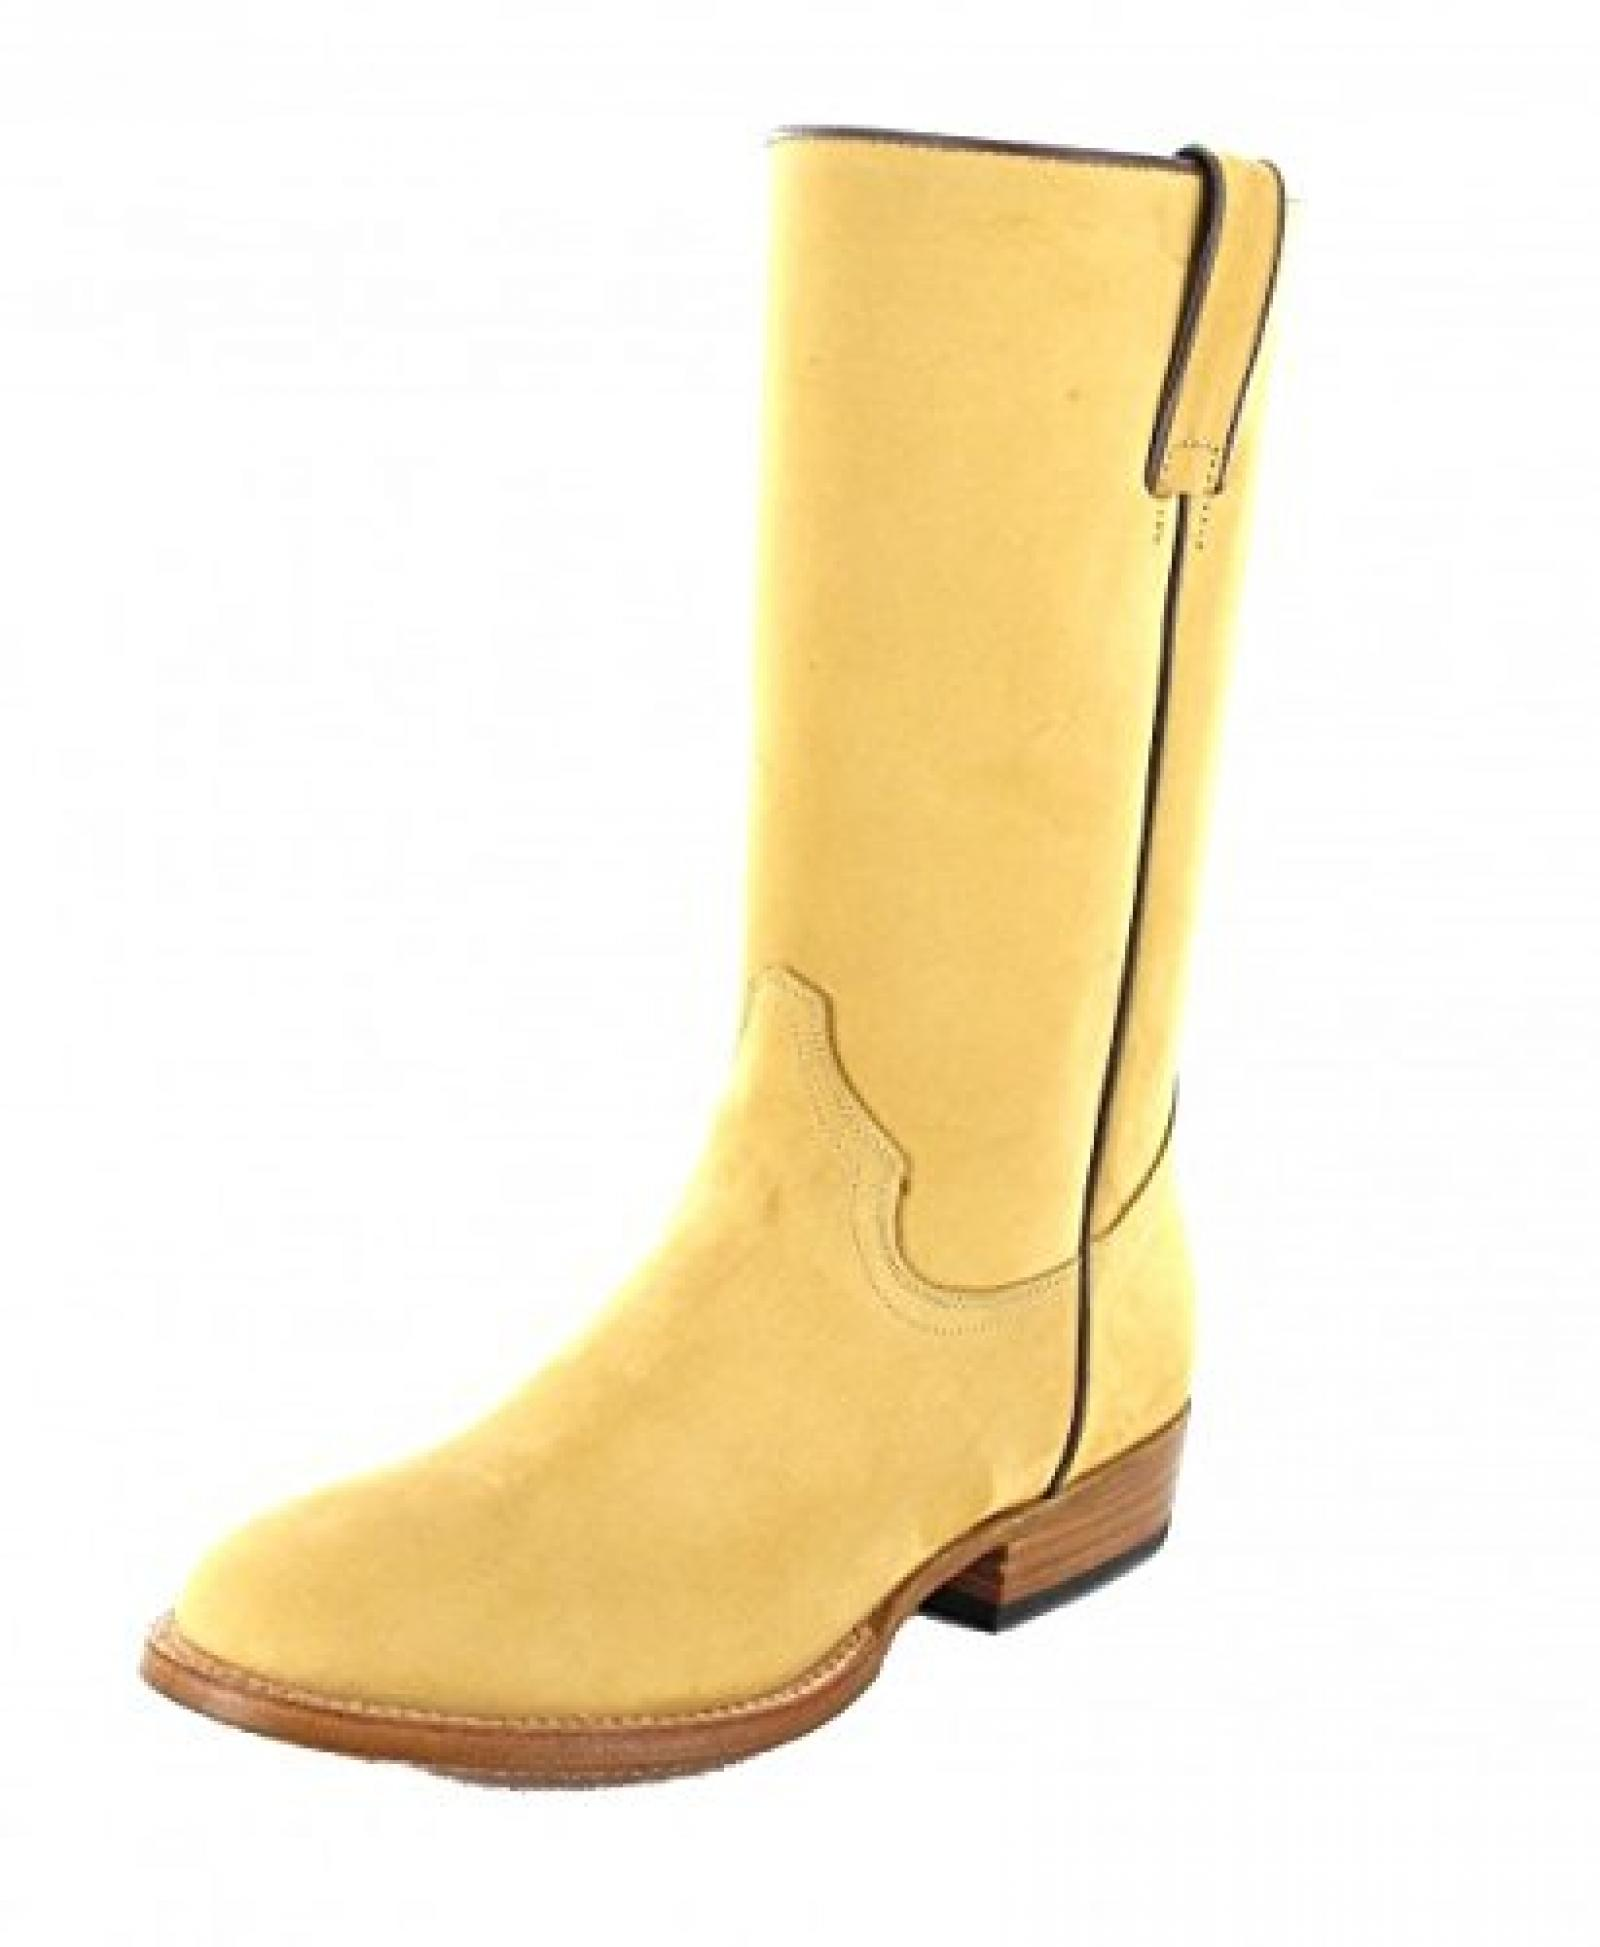 Tony Mora Westernstiefel 1257 Classic Boots (in verschiedenen Farben)